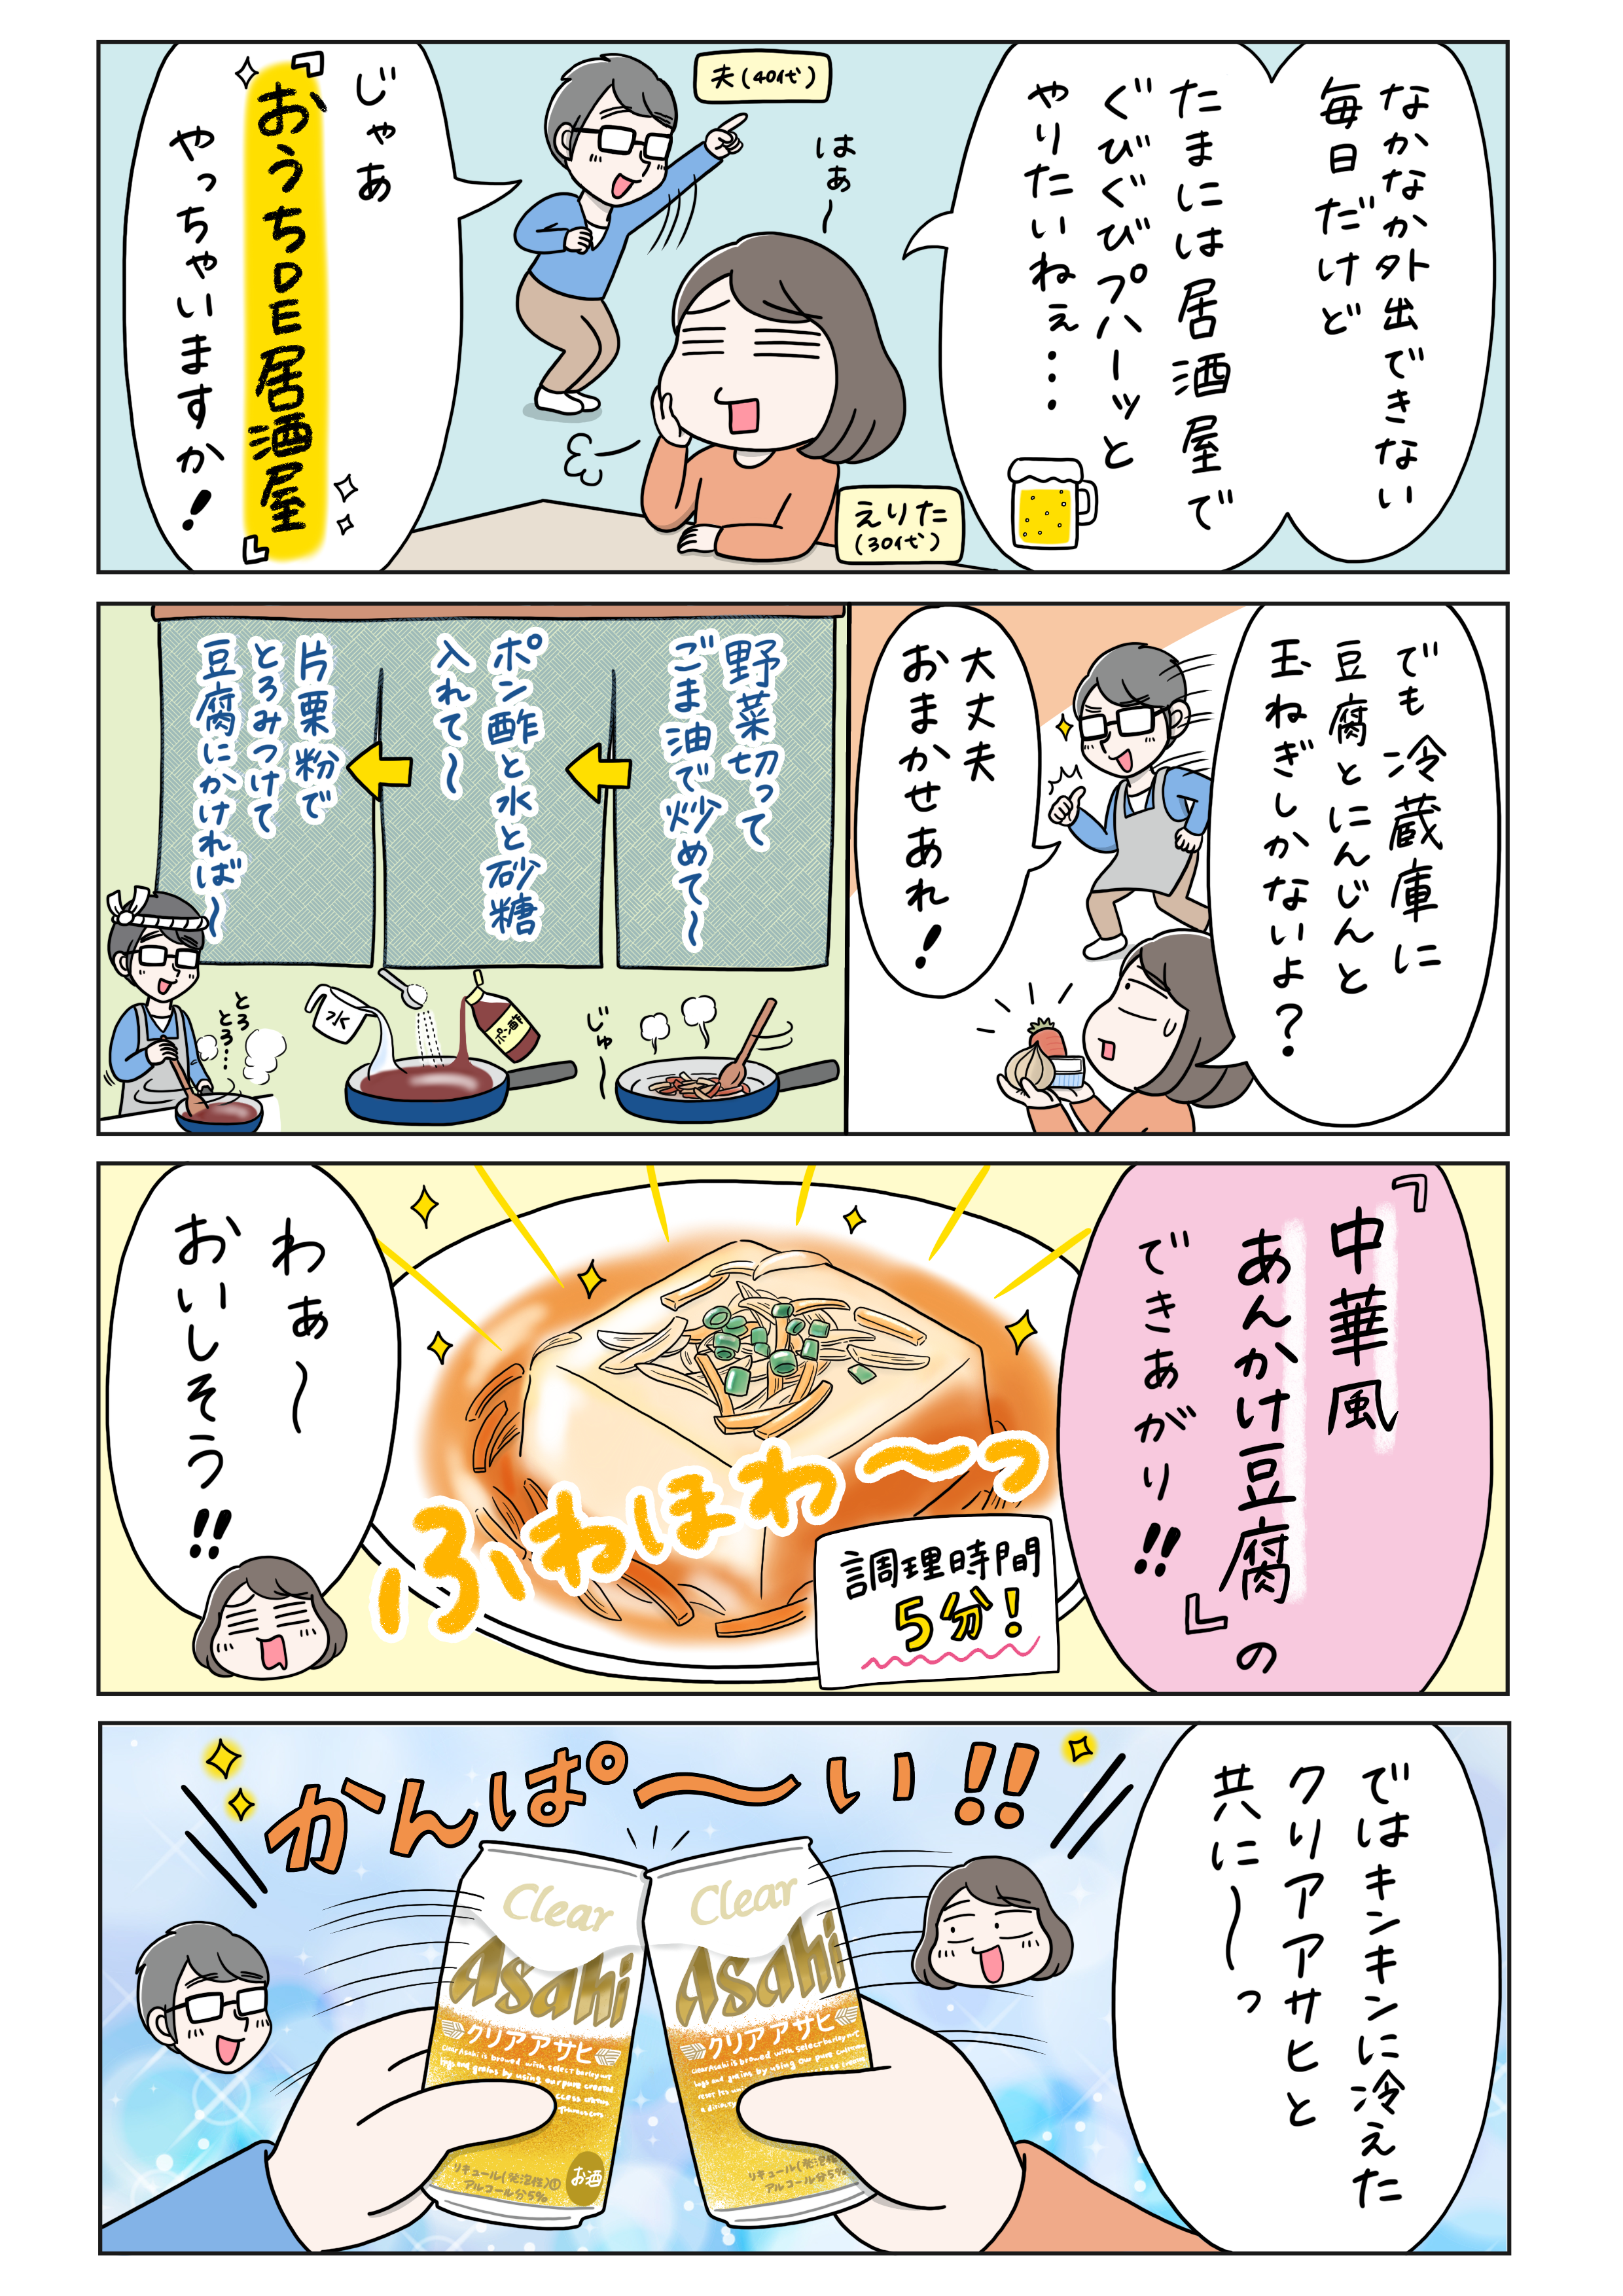 クリアアサヒPR漫画01